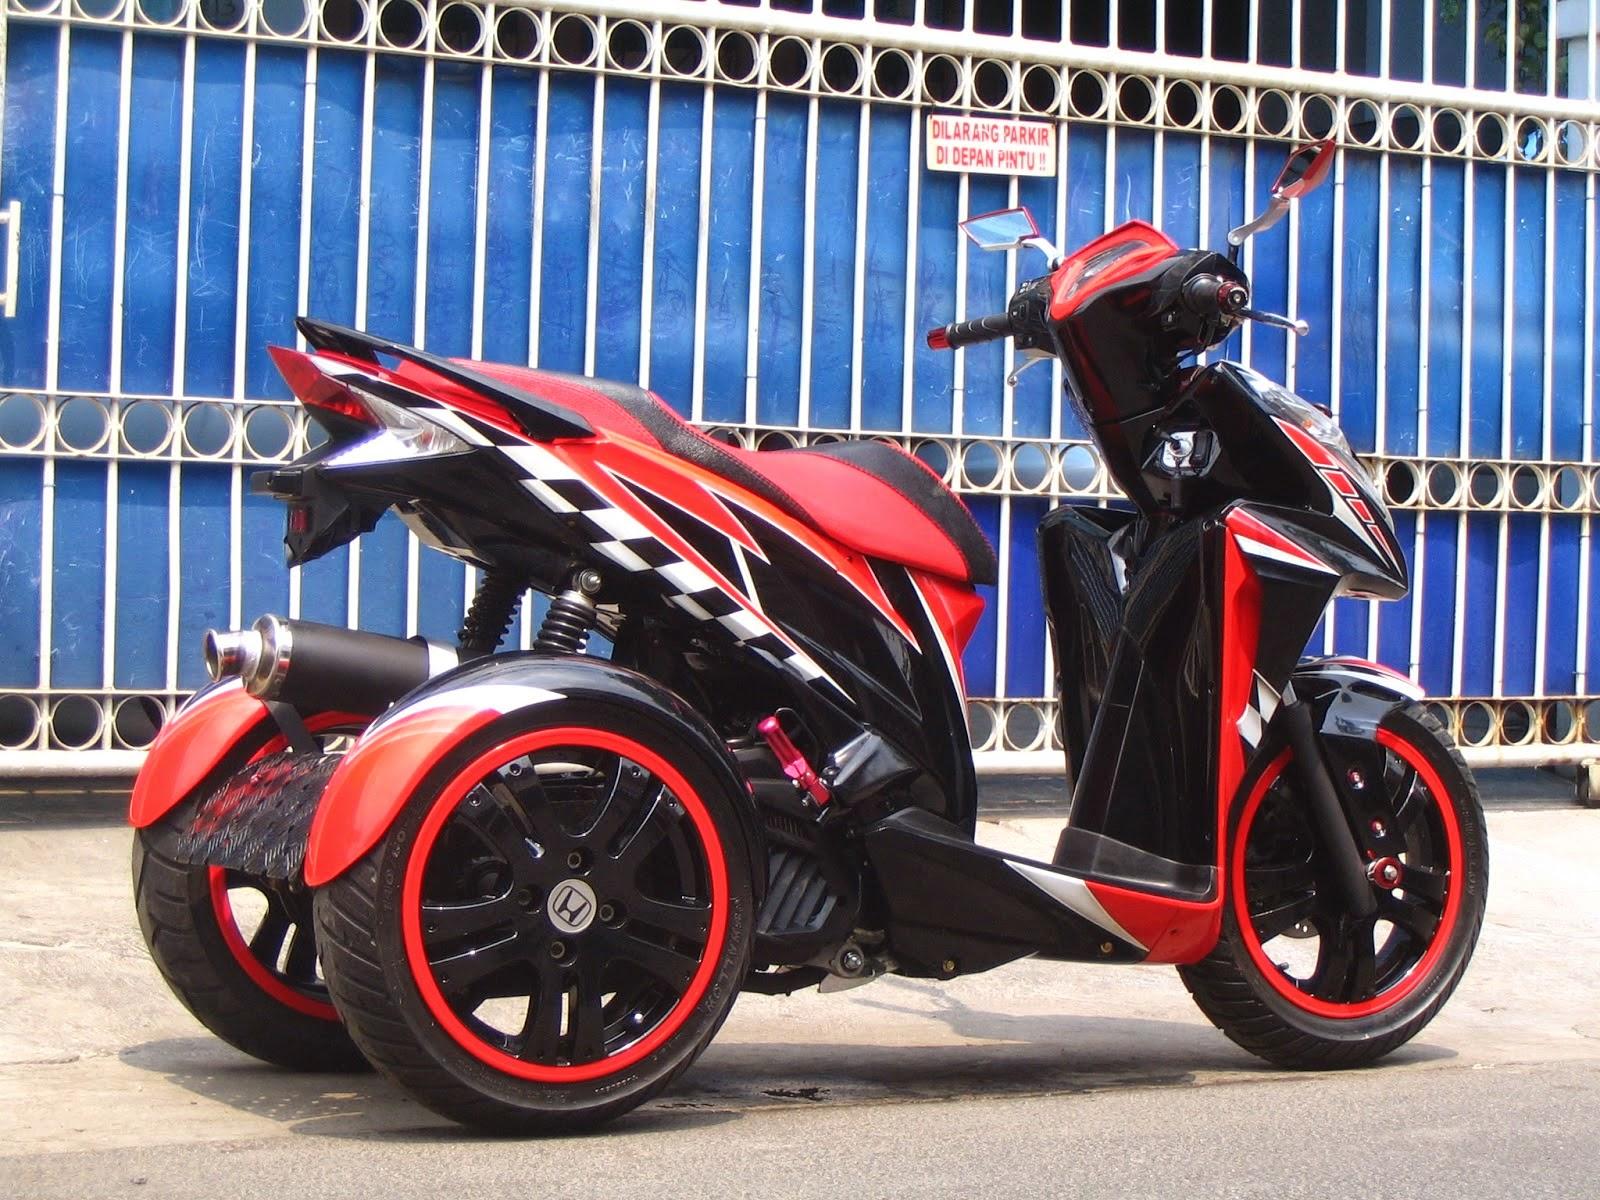 Modifikasi Vario Cw Ban Besar Thecitycyclist